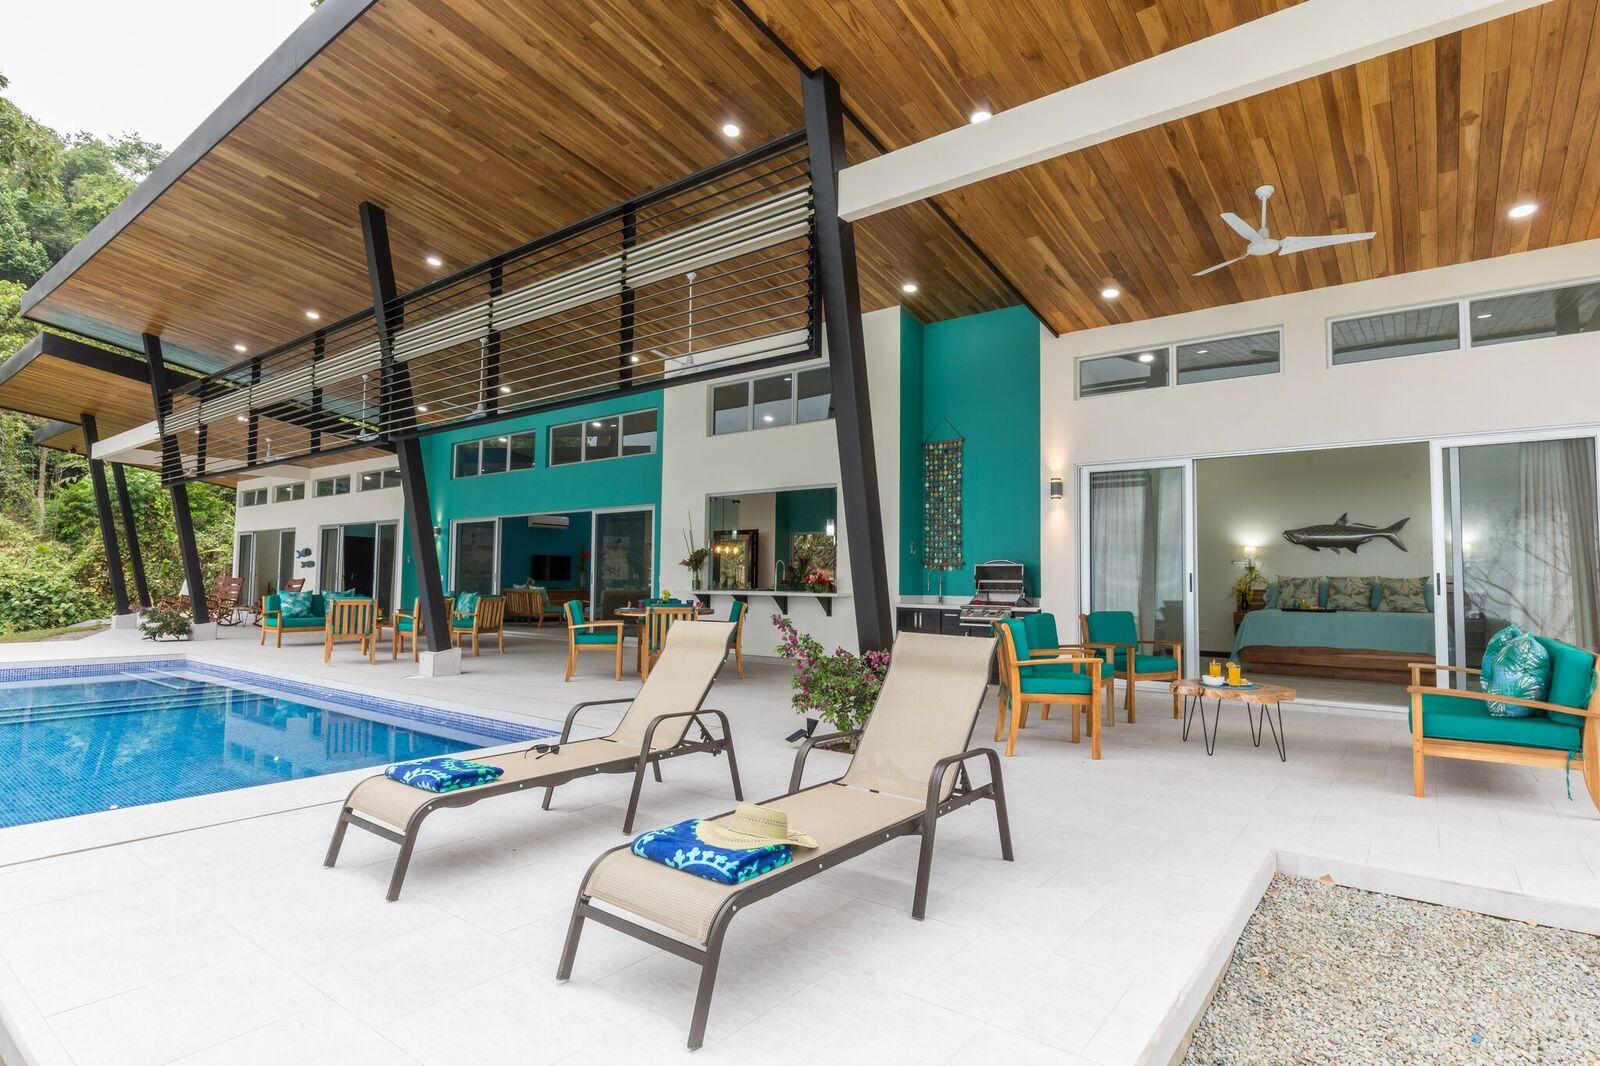 Uvita-Costa-Rica-property-costaricarealestateUVI297-1.jpeg